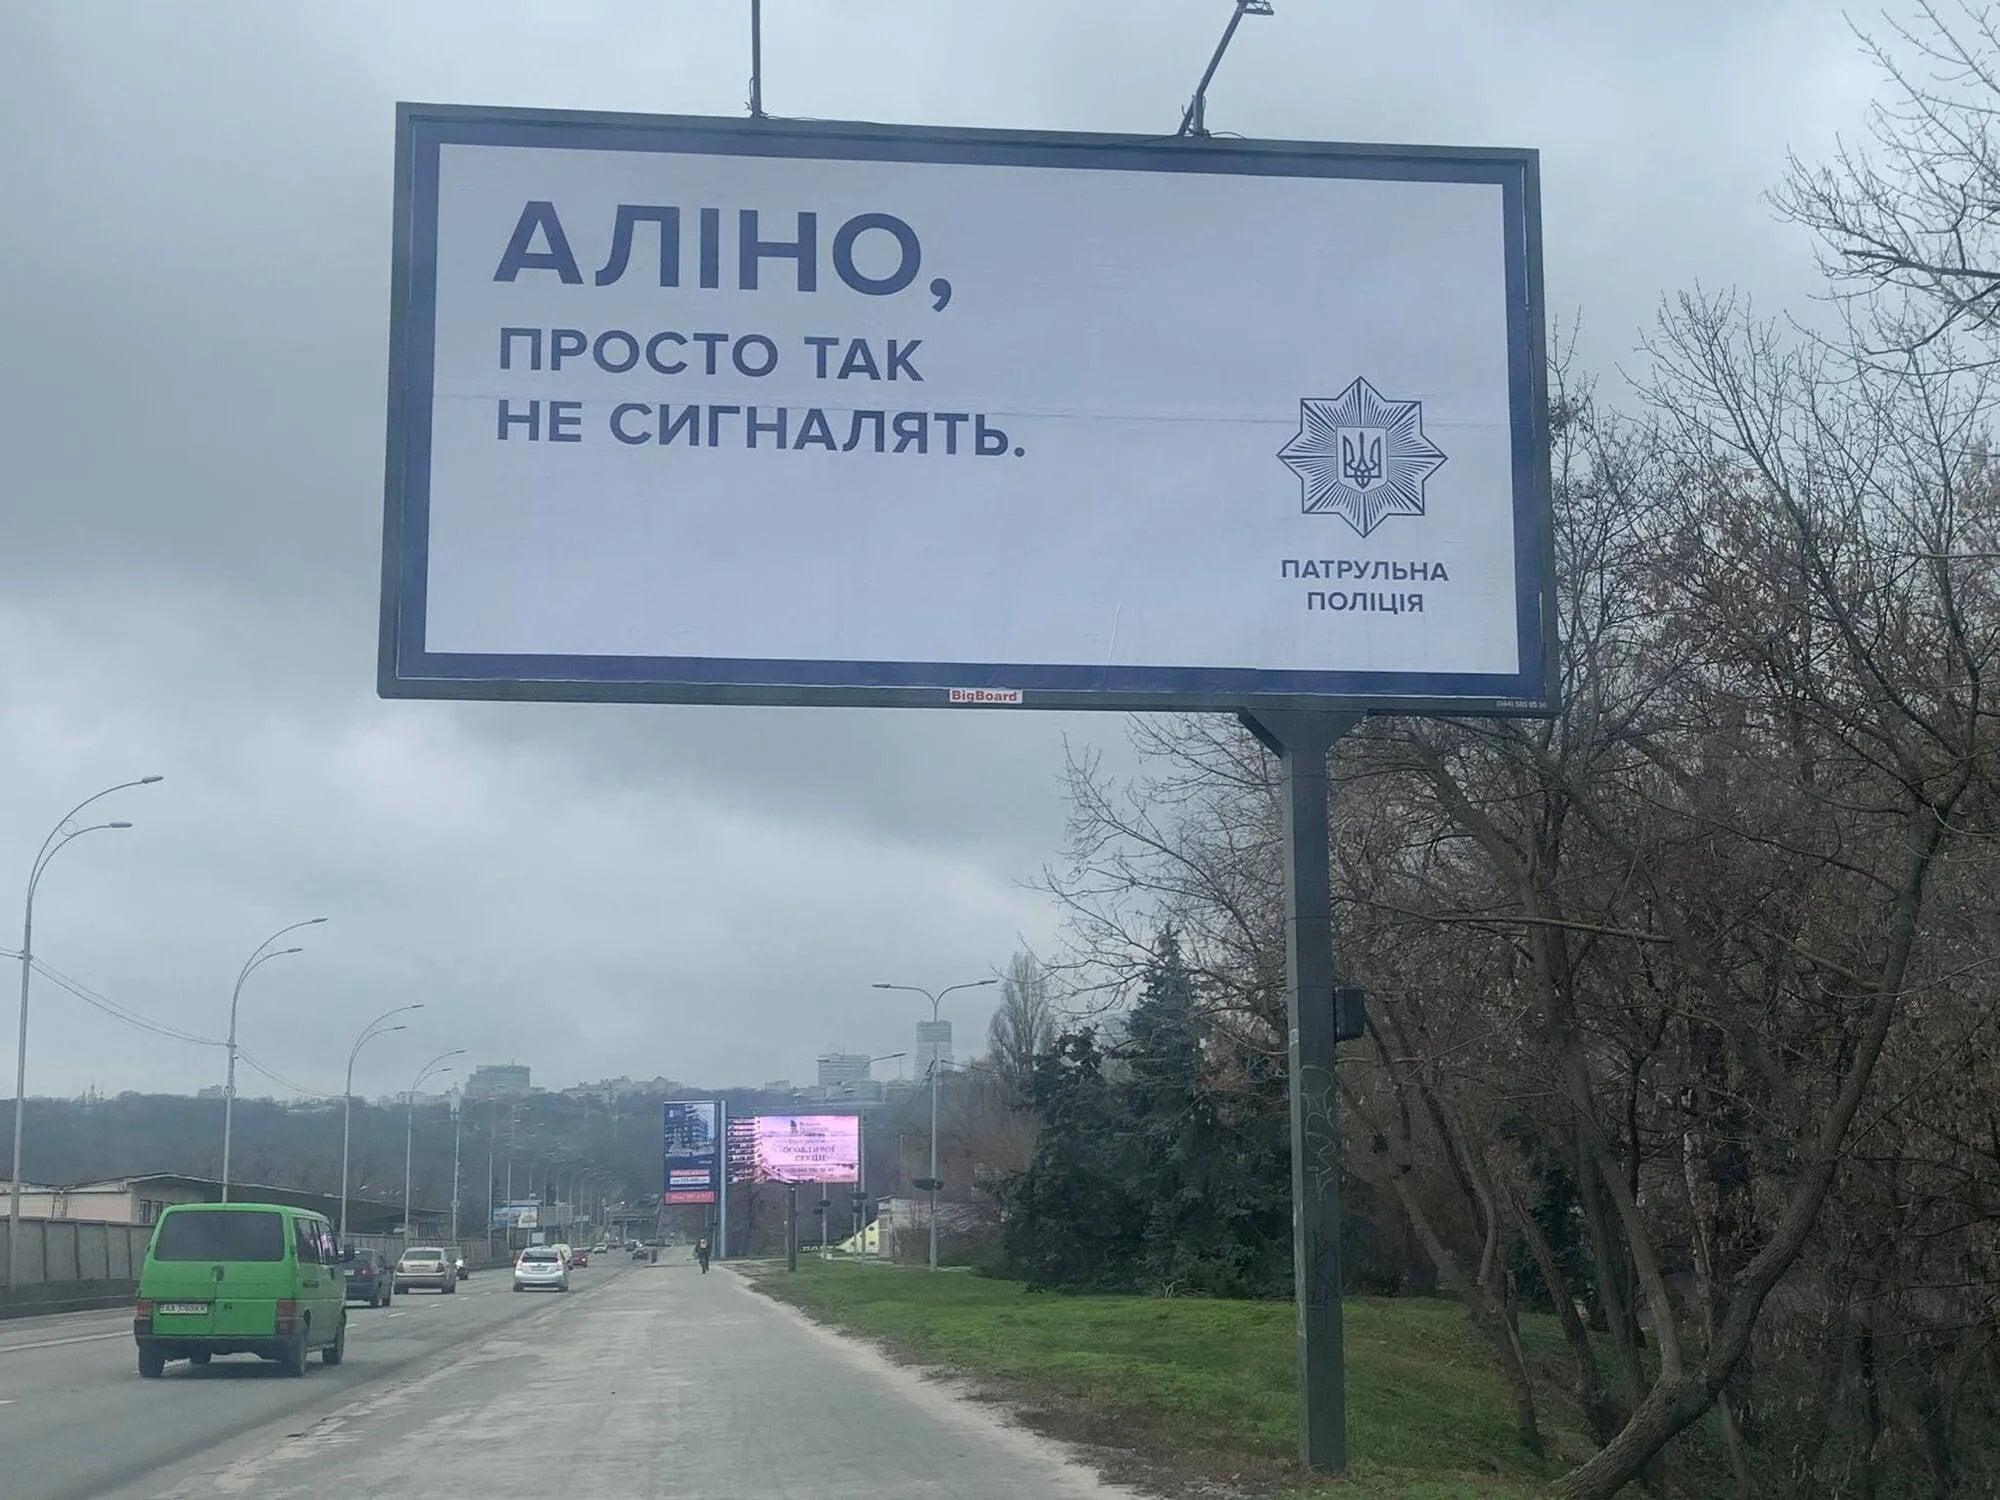 Патрульна поліція встановила у Києві іменні білборди